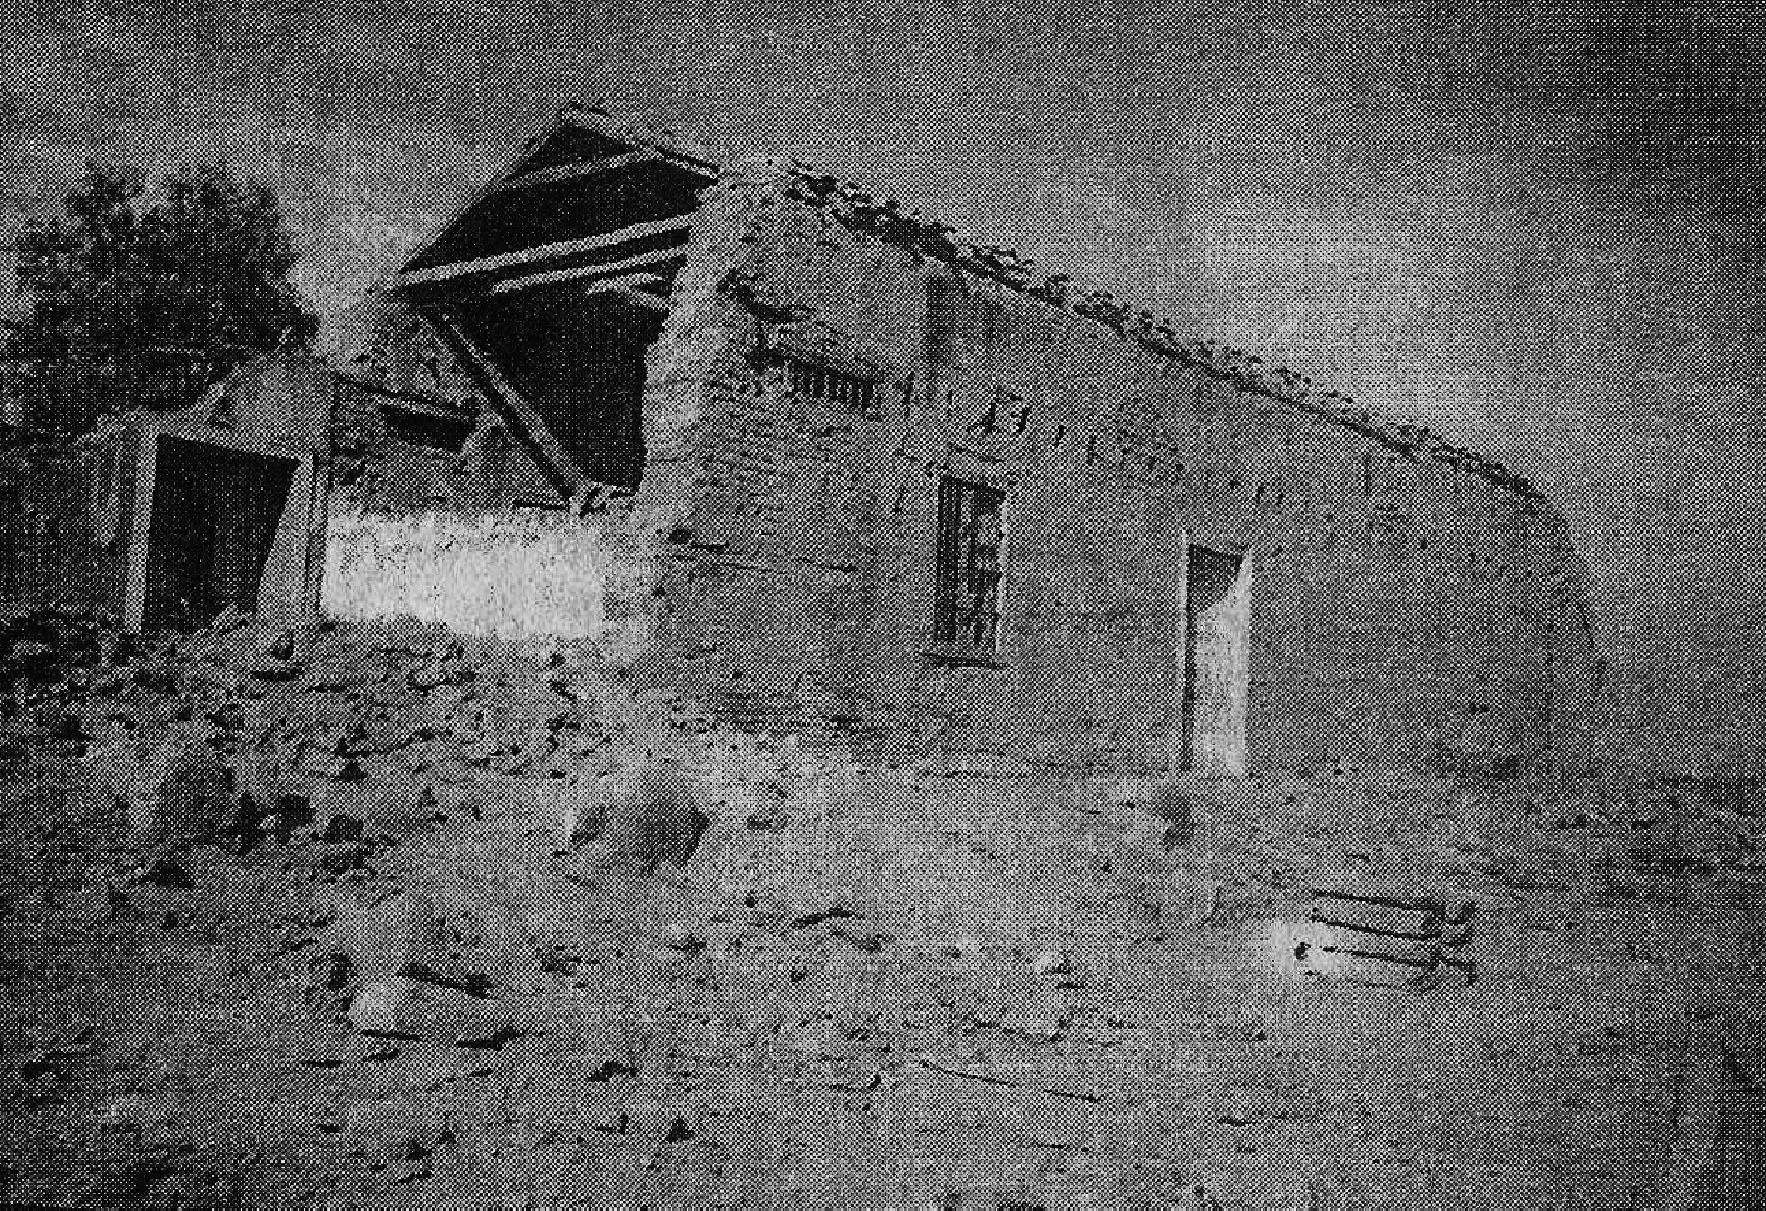 Enterreno - Fotos históricas de chile - fotos antiguas de Chile - Ruinas Casa Coronel Santiago Bueras, 1997